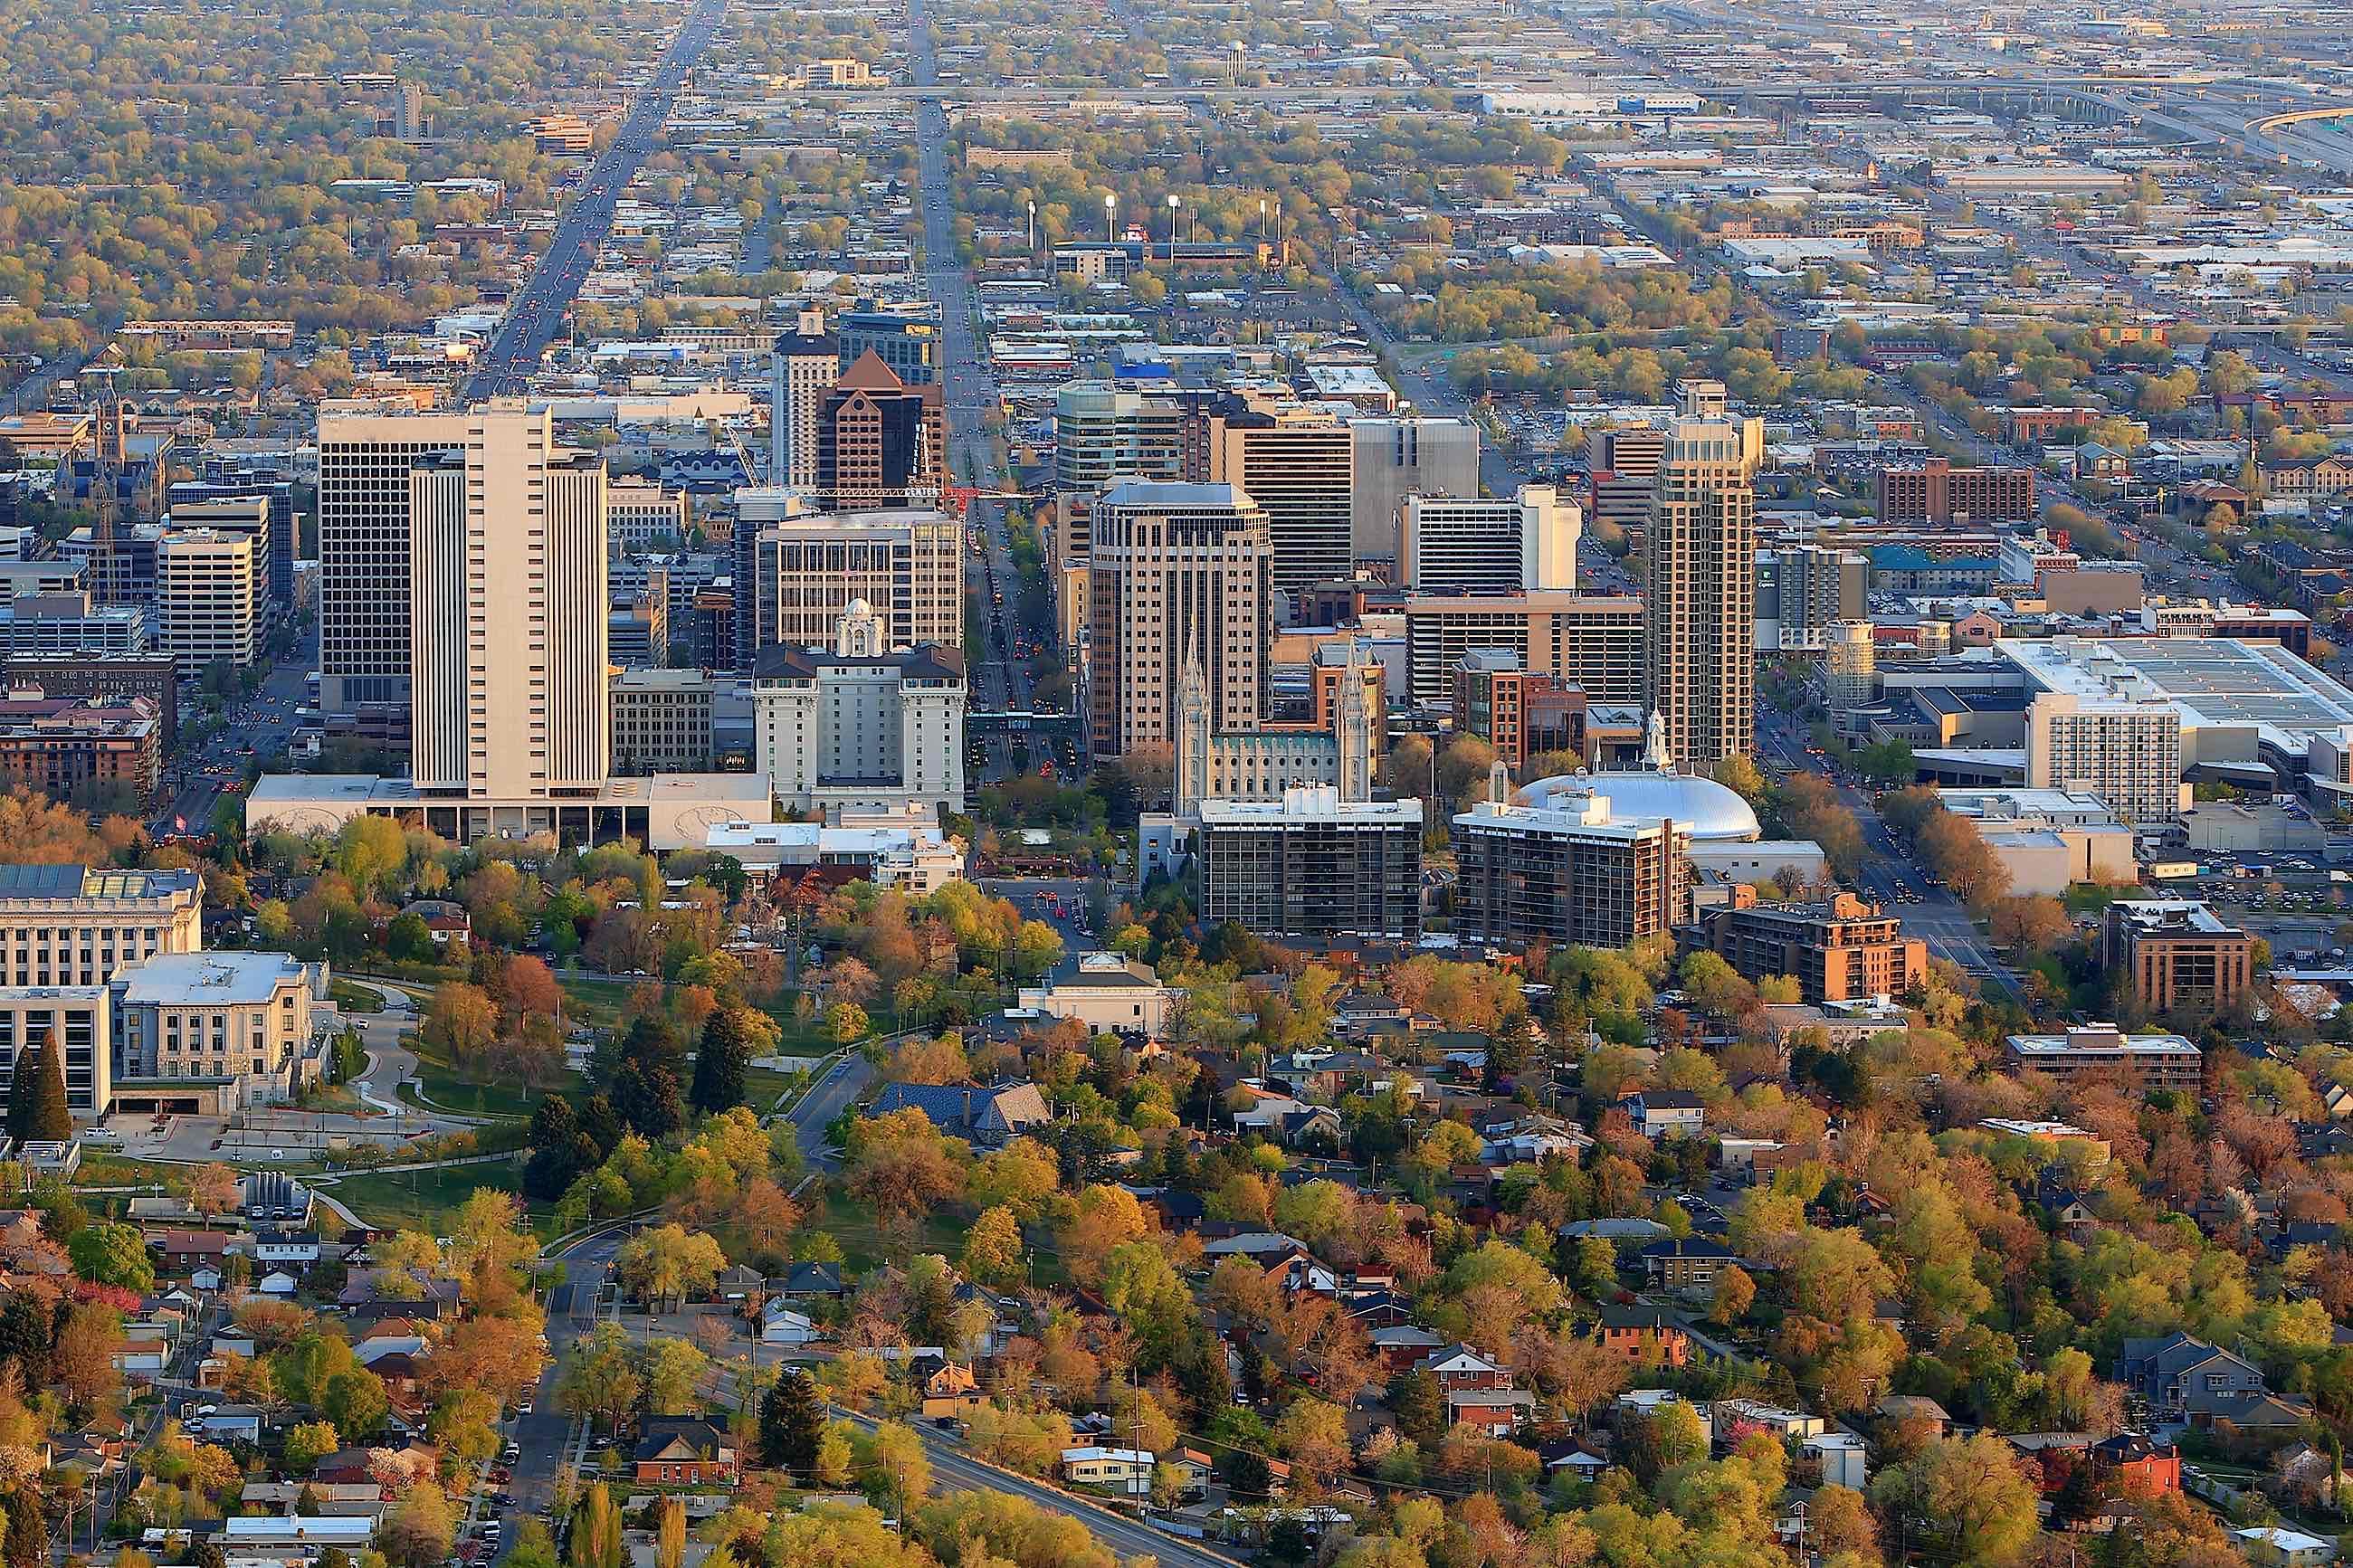 Downtown Salt Lake City real estate market